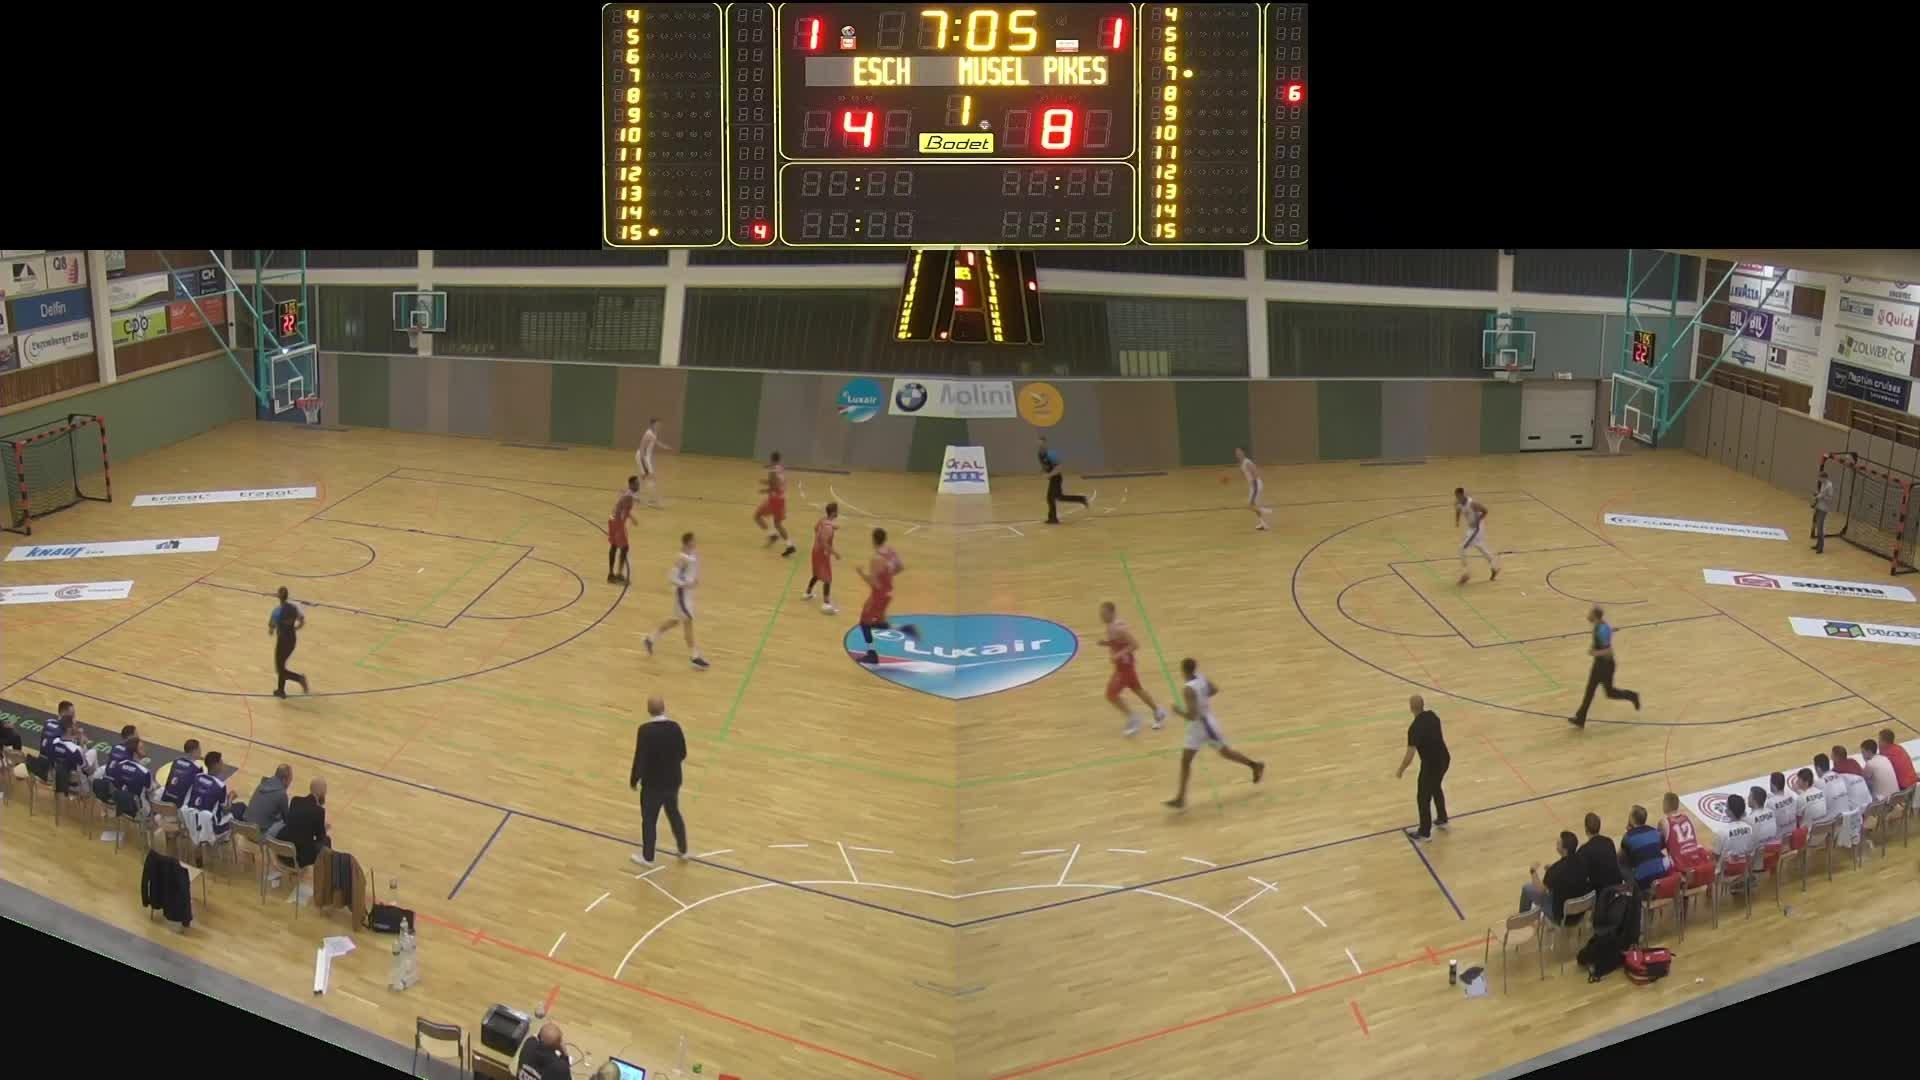 Basket Esch ( Seniors A ) - Musel-Pikes - 19.10.2019